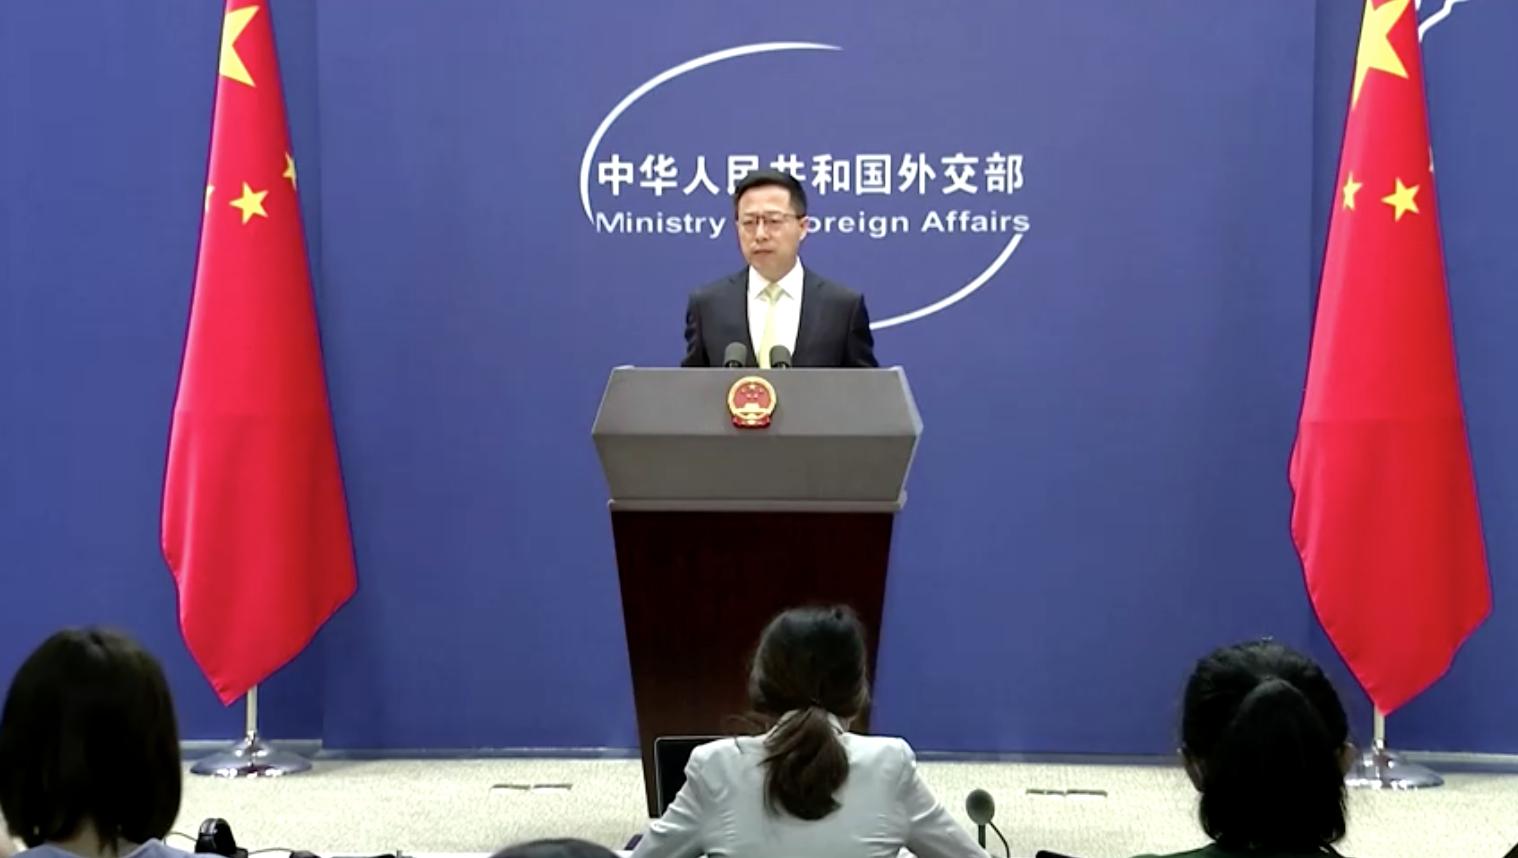 Hoa Kỳ và Trung Cộng họp ngoại giao tại Thiên Tân